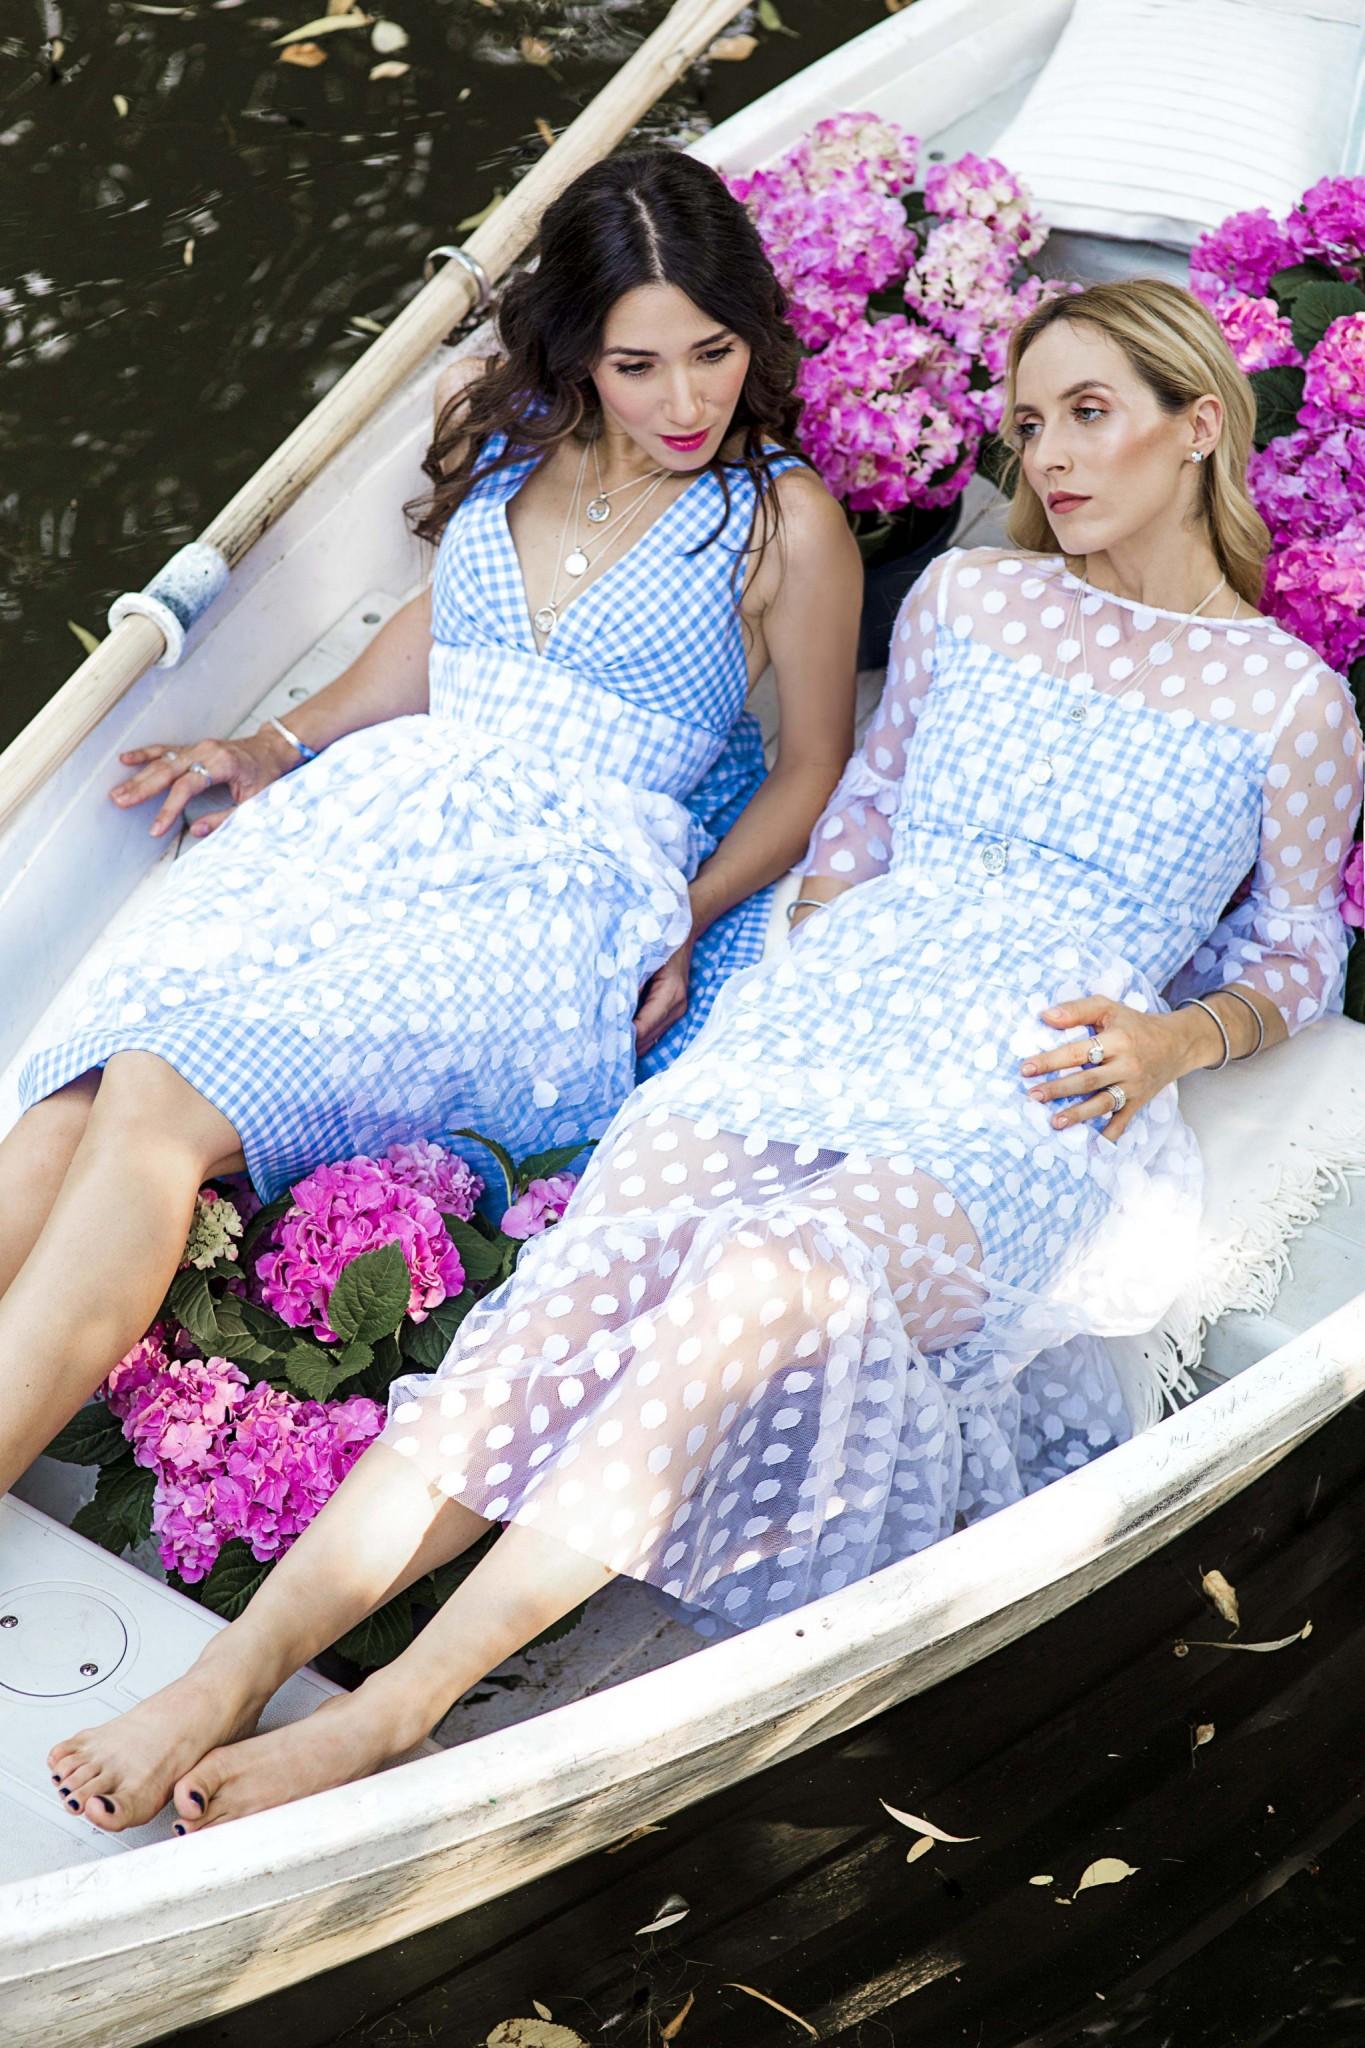 2pandora-the-look-of-you-diana-enciu-alina-tanasa-fabulous-muses-lace-trend